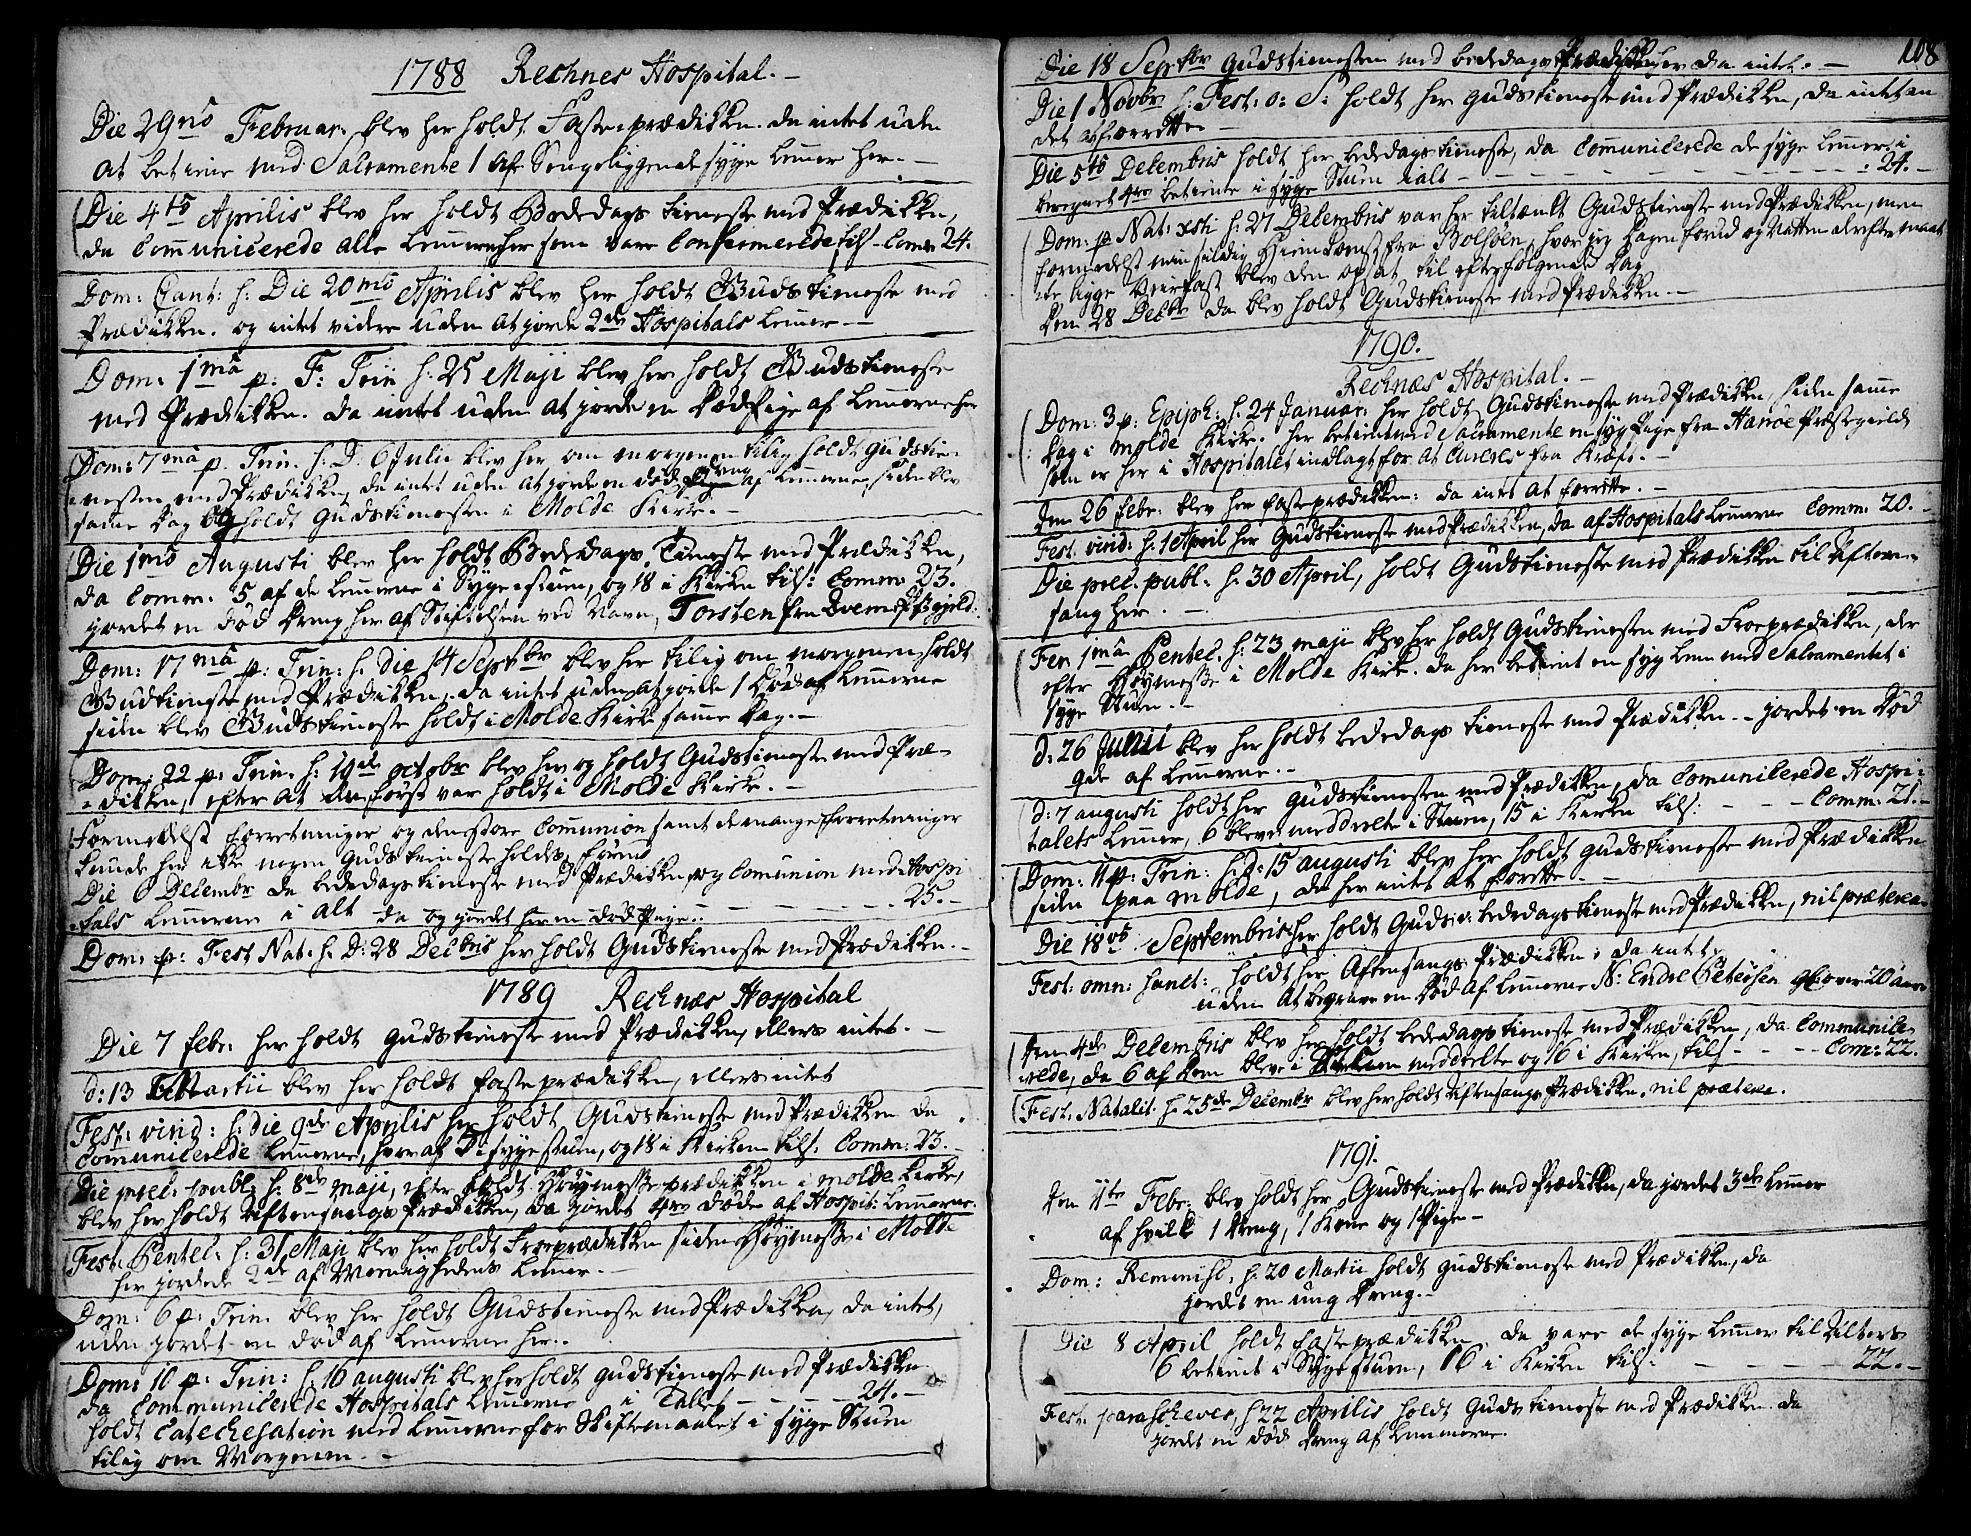 SAT, Ministerialprotokoller, klokkerbøker og fødselsregistre - Møre og Romsdal, 555/L0648: Ministerialbok nr. 555A01, 1759-1793, s. 108